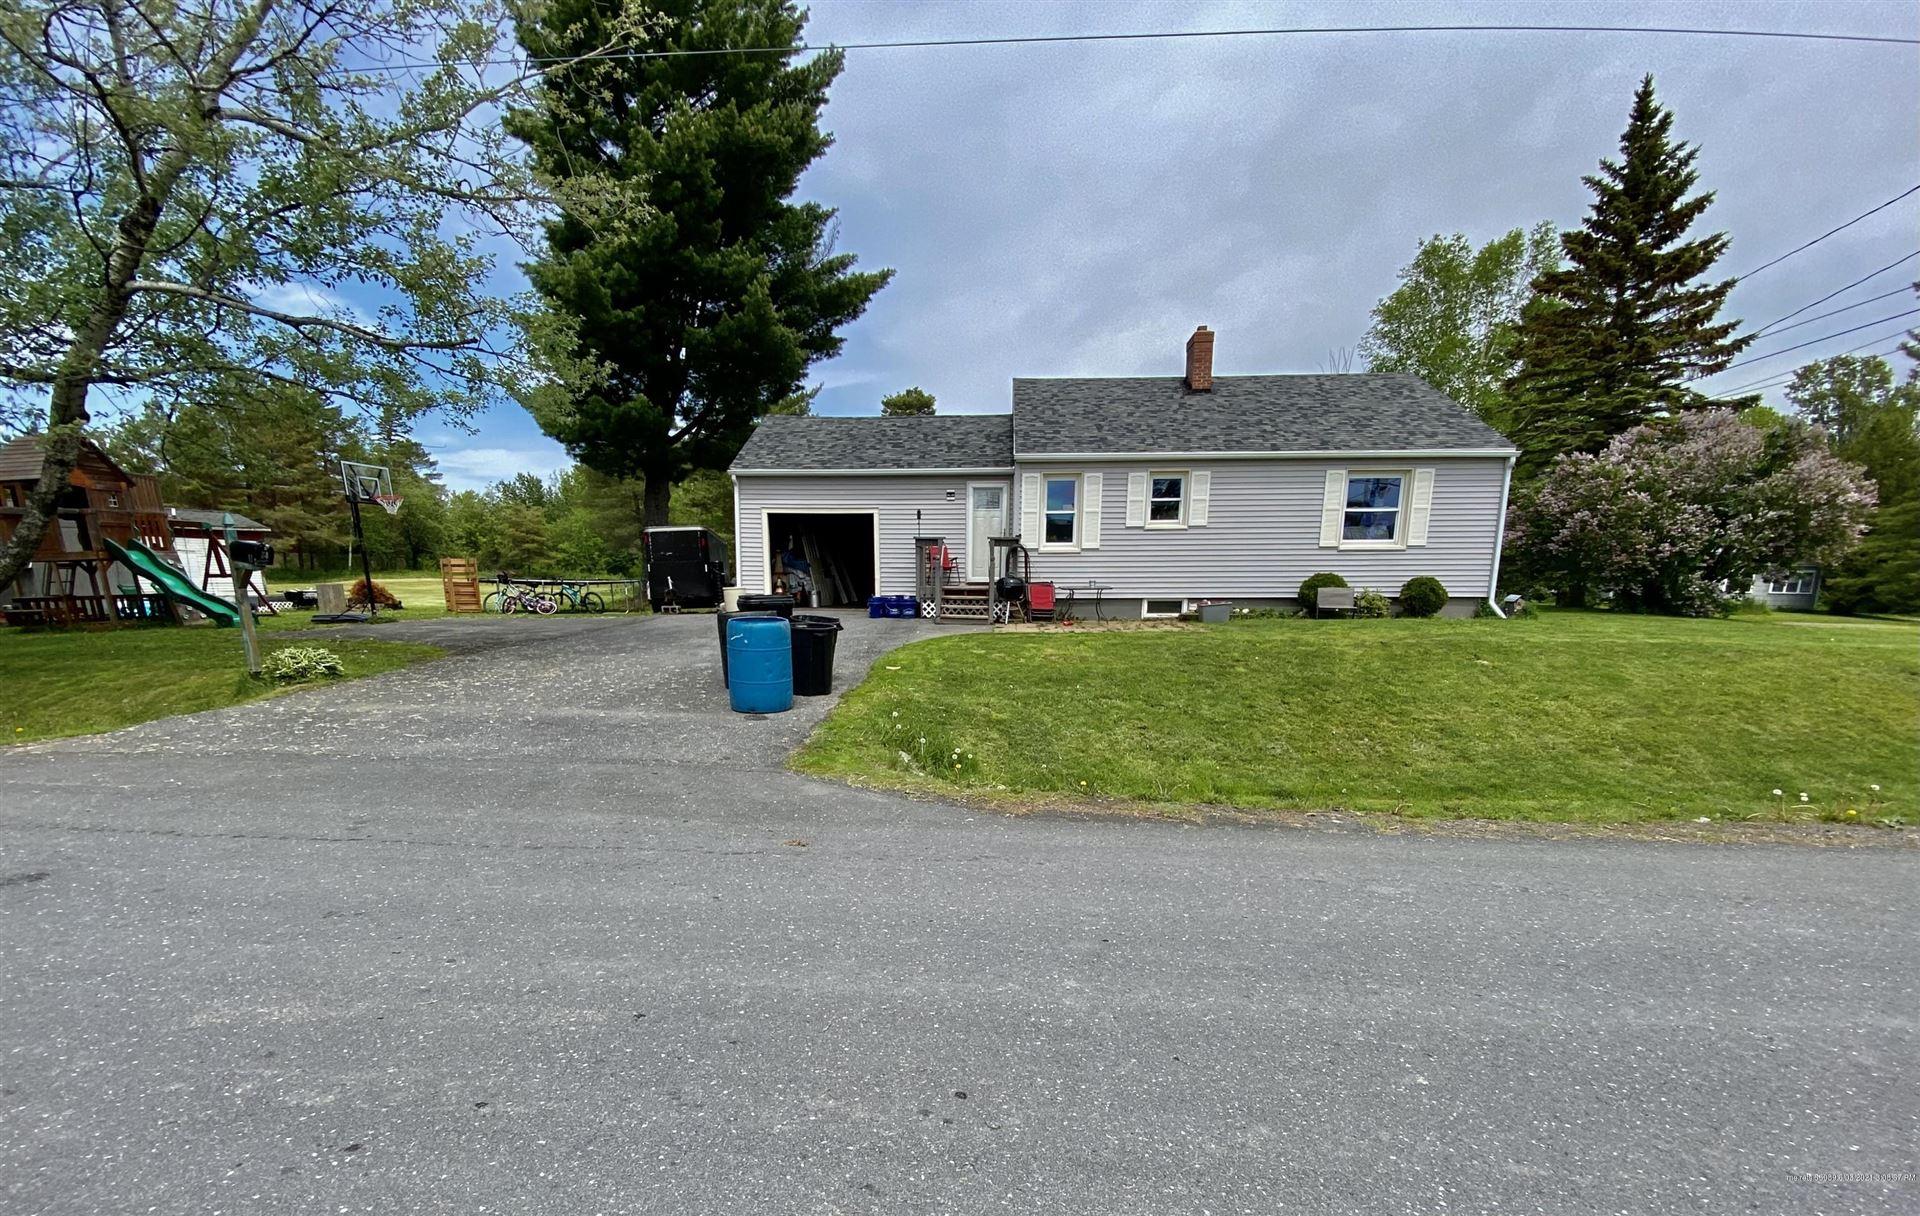 Photo of 14 Pond Street, Presque Isle, ME 04769 (MLS # 1494621)